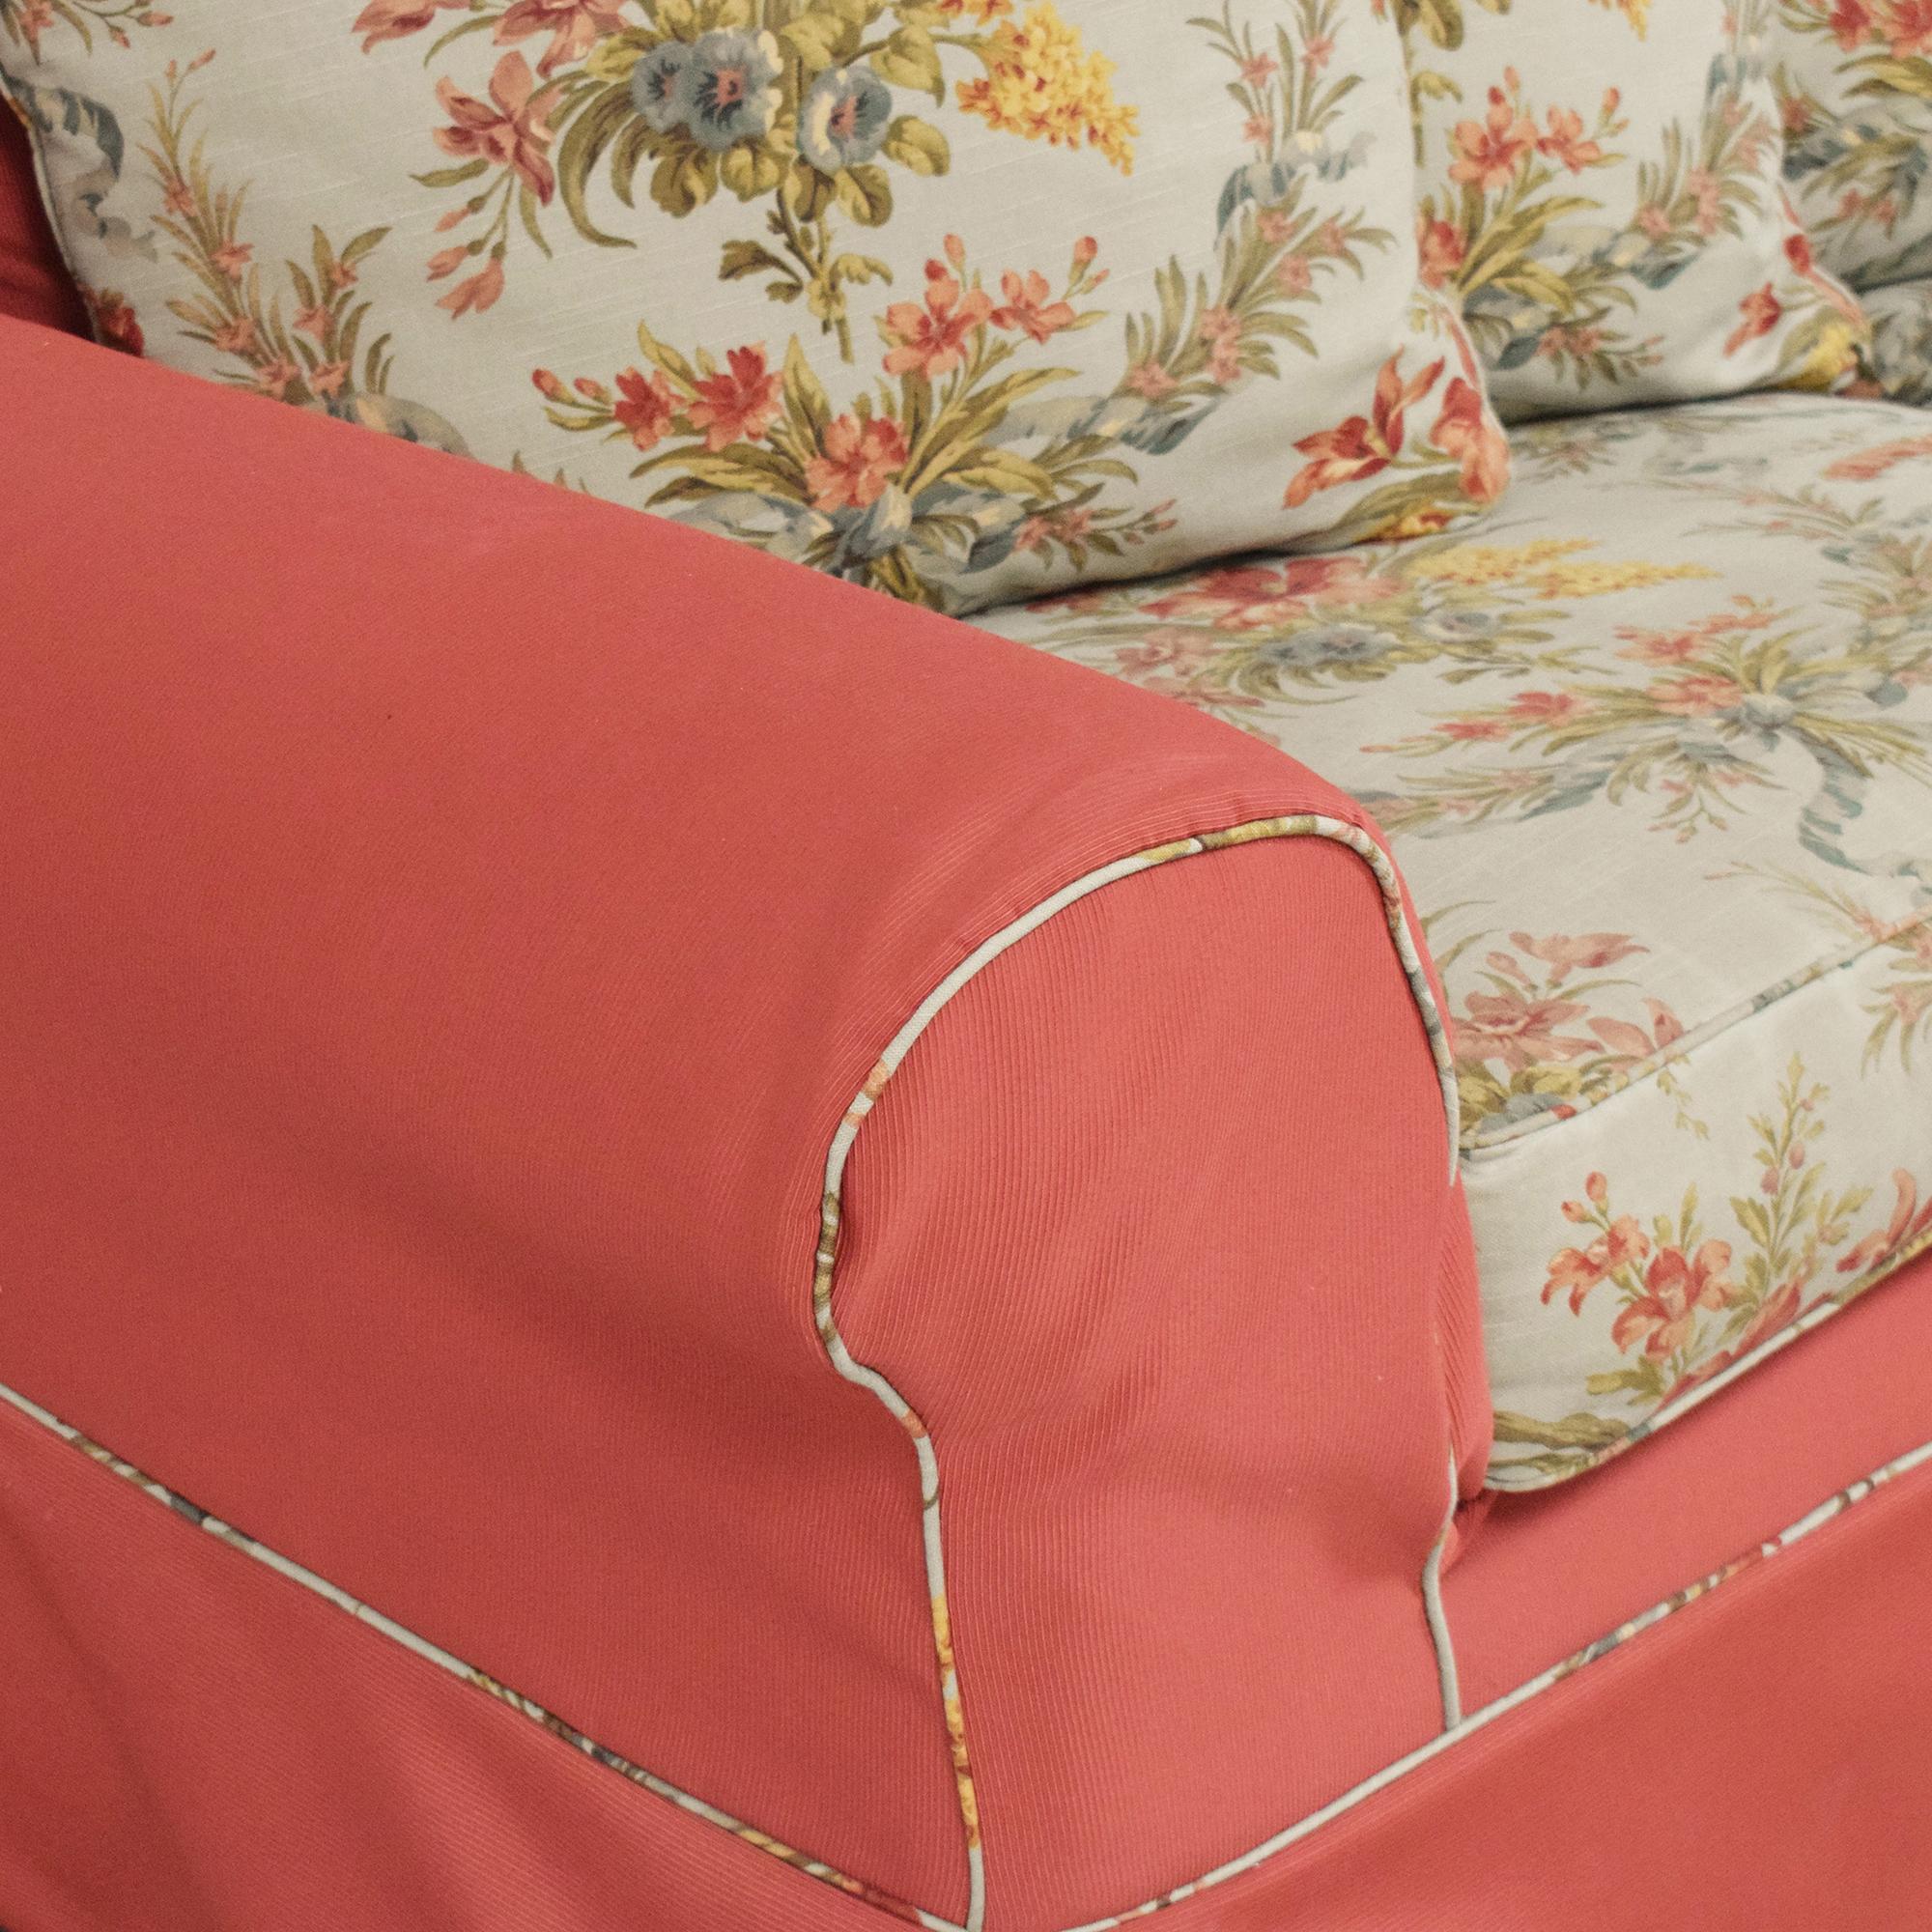 Ethan Allen Ethan Allen Slipcovered Sofa multi